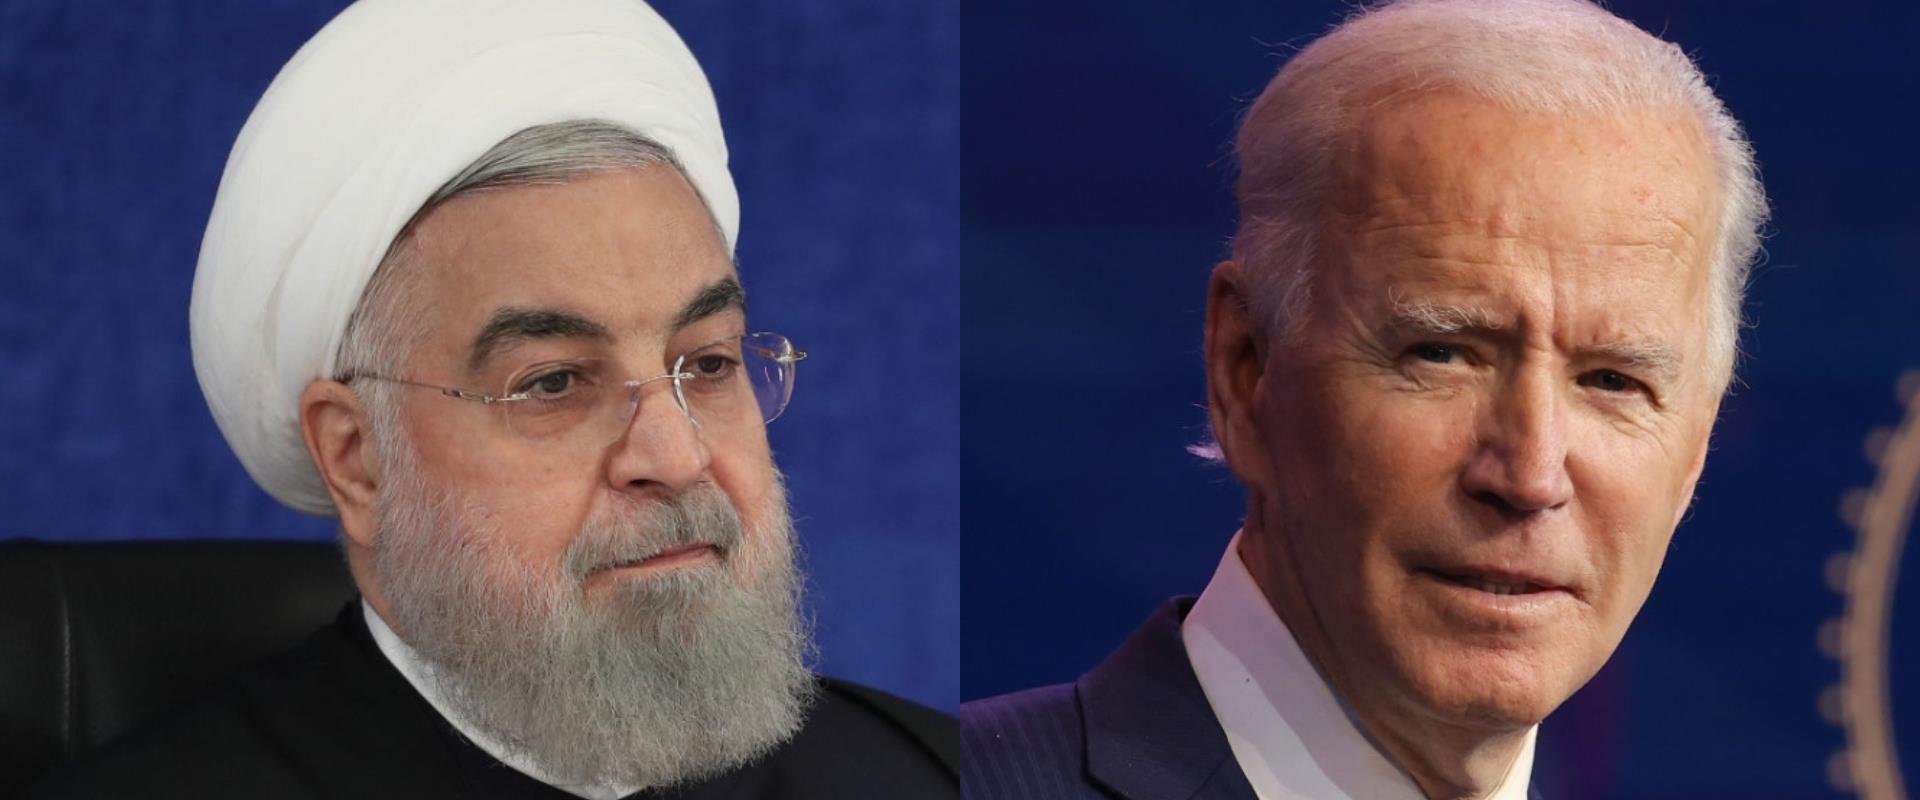 הנשיאים ביידן ורוחאני